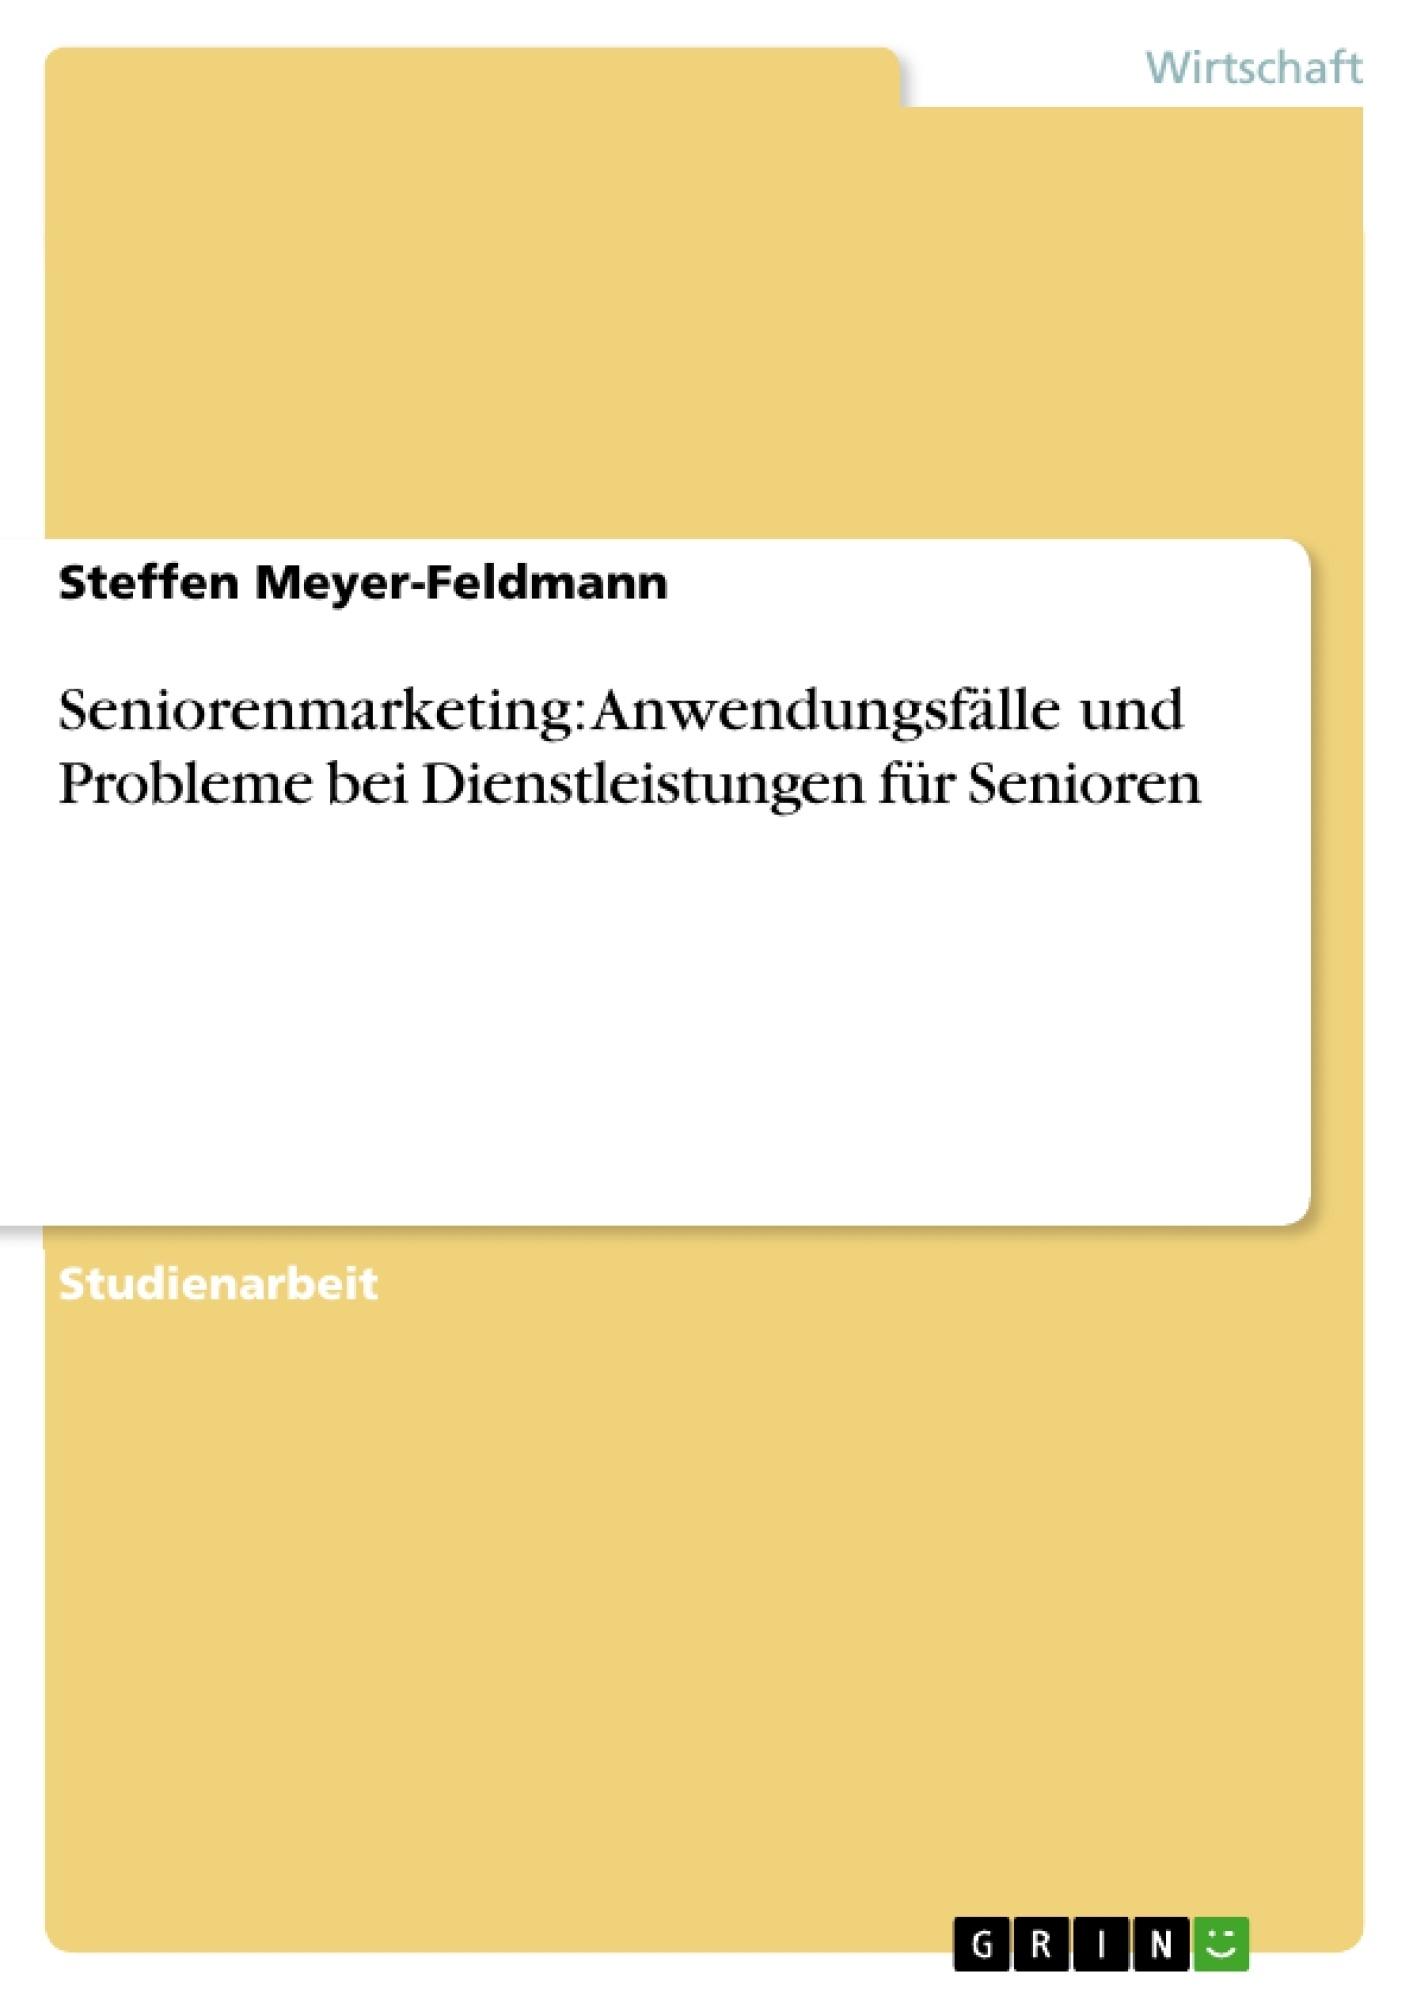 Titel: Seniorenmarketing: Anwendungsfälle und Probleme bei Dienstleistungen für Senioren